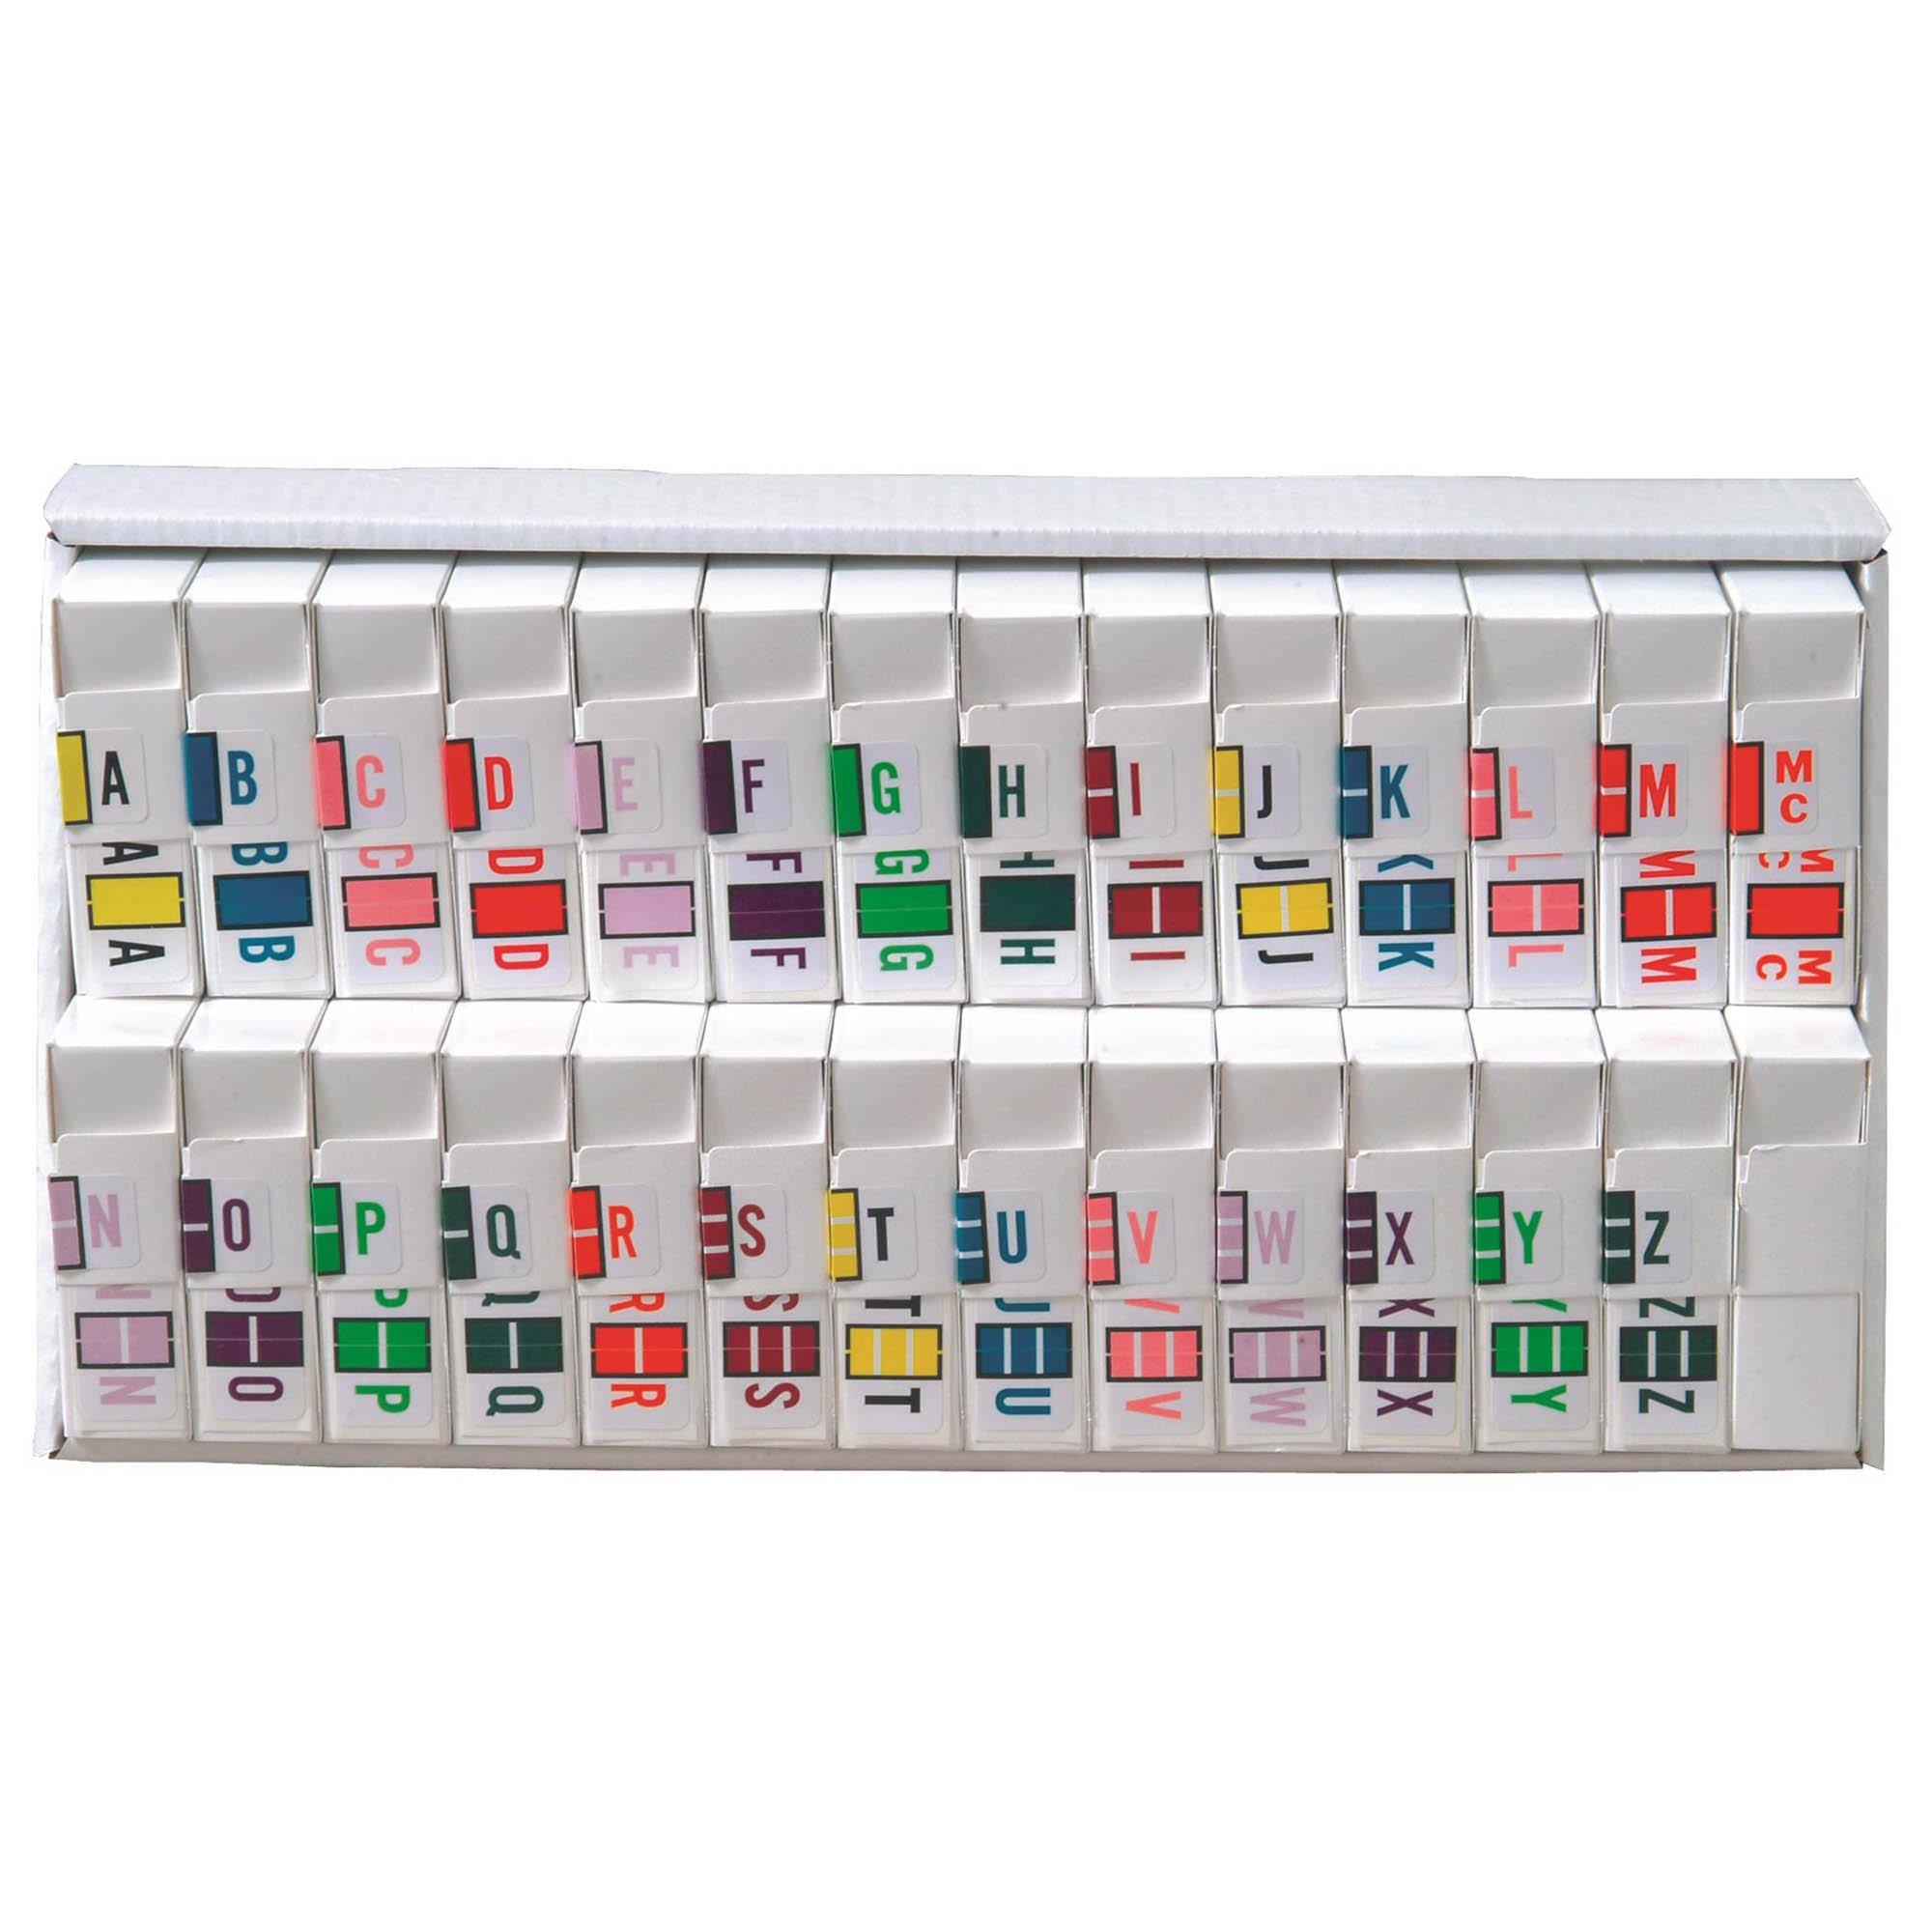 POS 3400 Match POAM Series Alpha Roll Labels A-Z Set